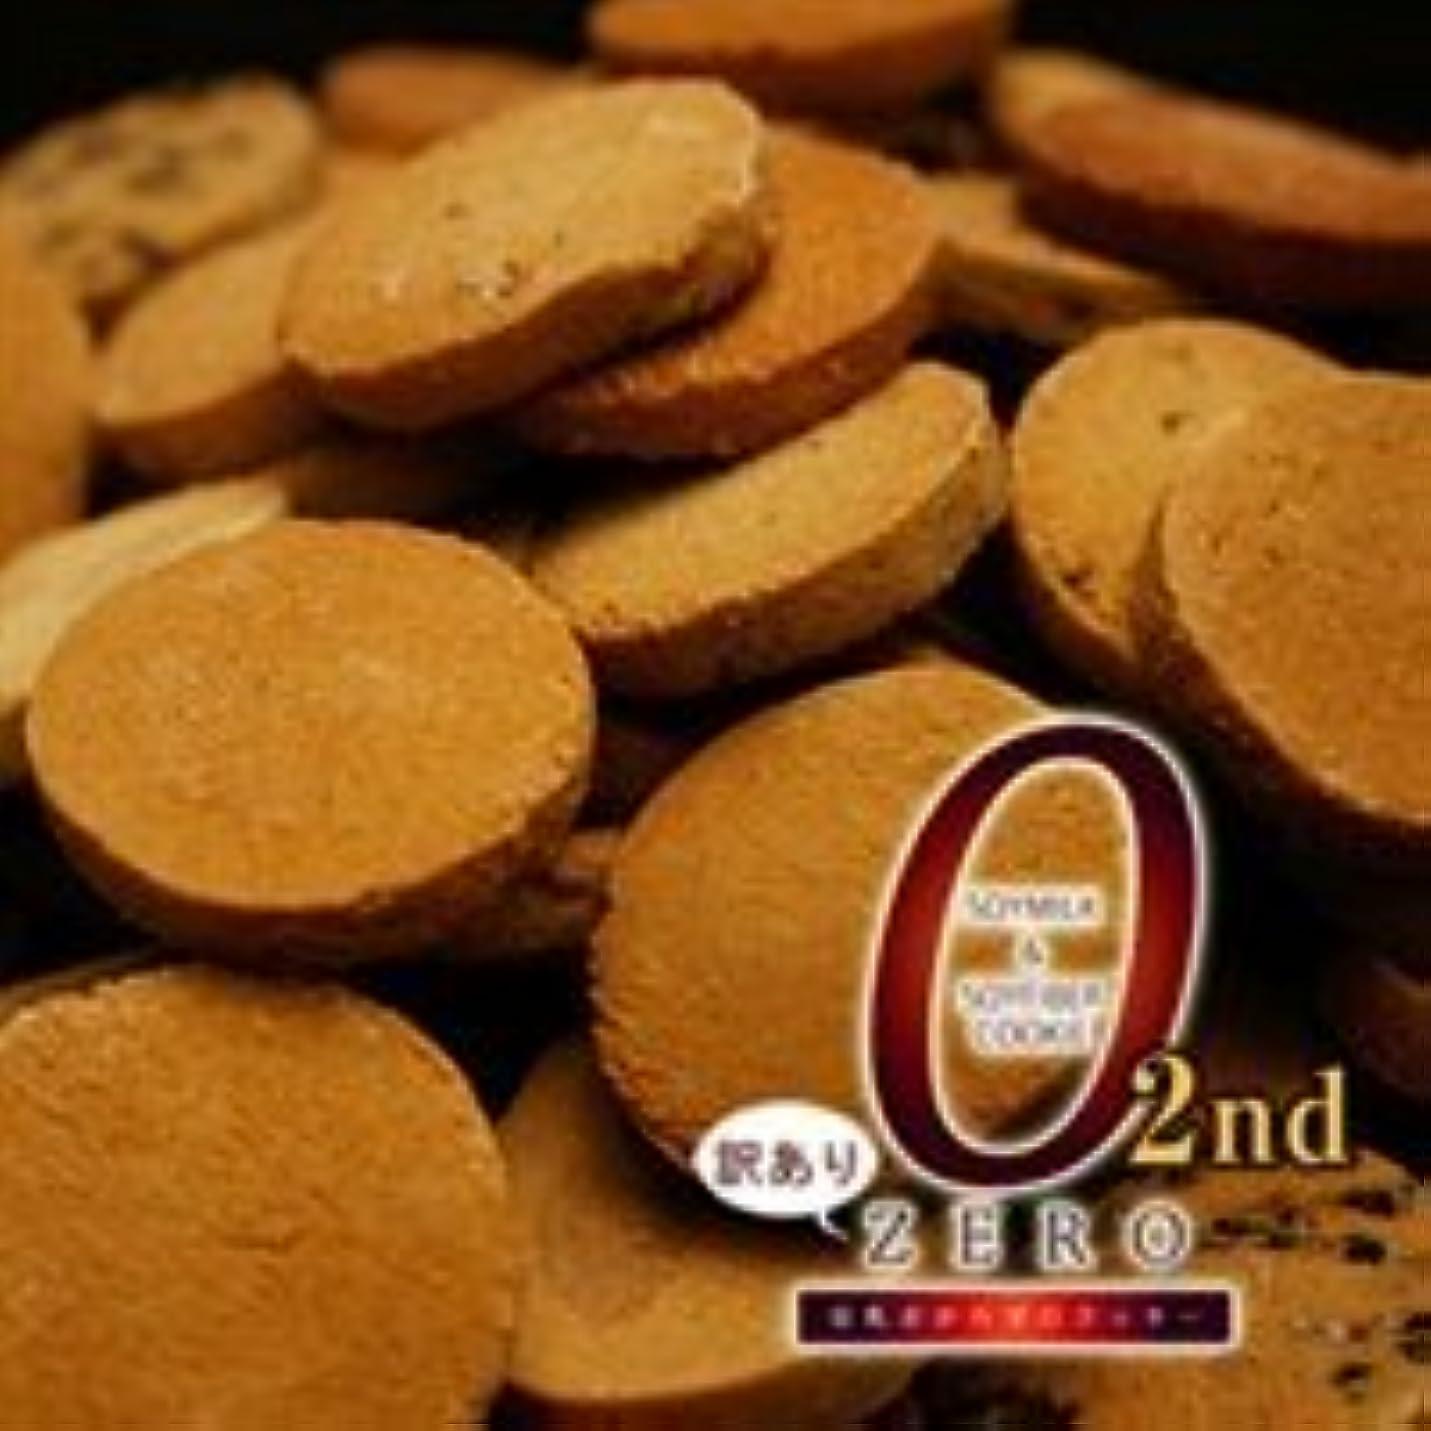 非難する機構コンクリート蒲屋忠兵衛商店 訳あり豆乳おからゼロクッキー 2nd 1kg(250g×4袋)